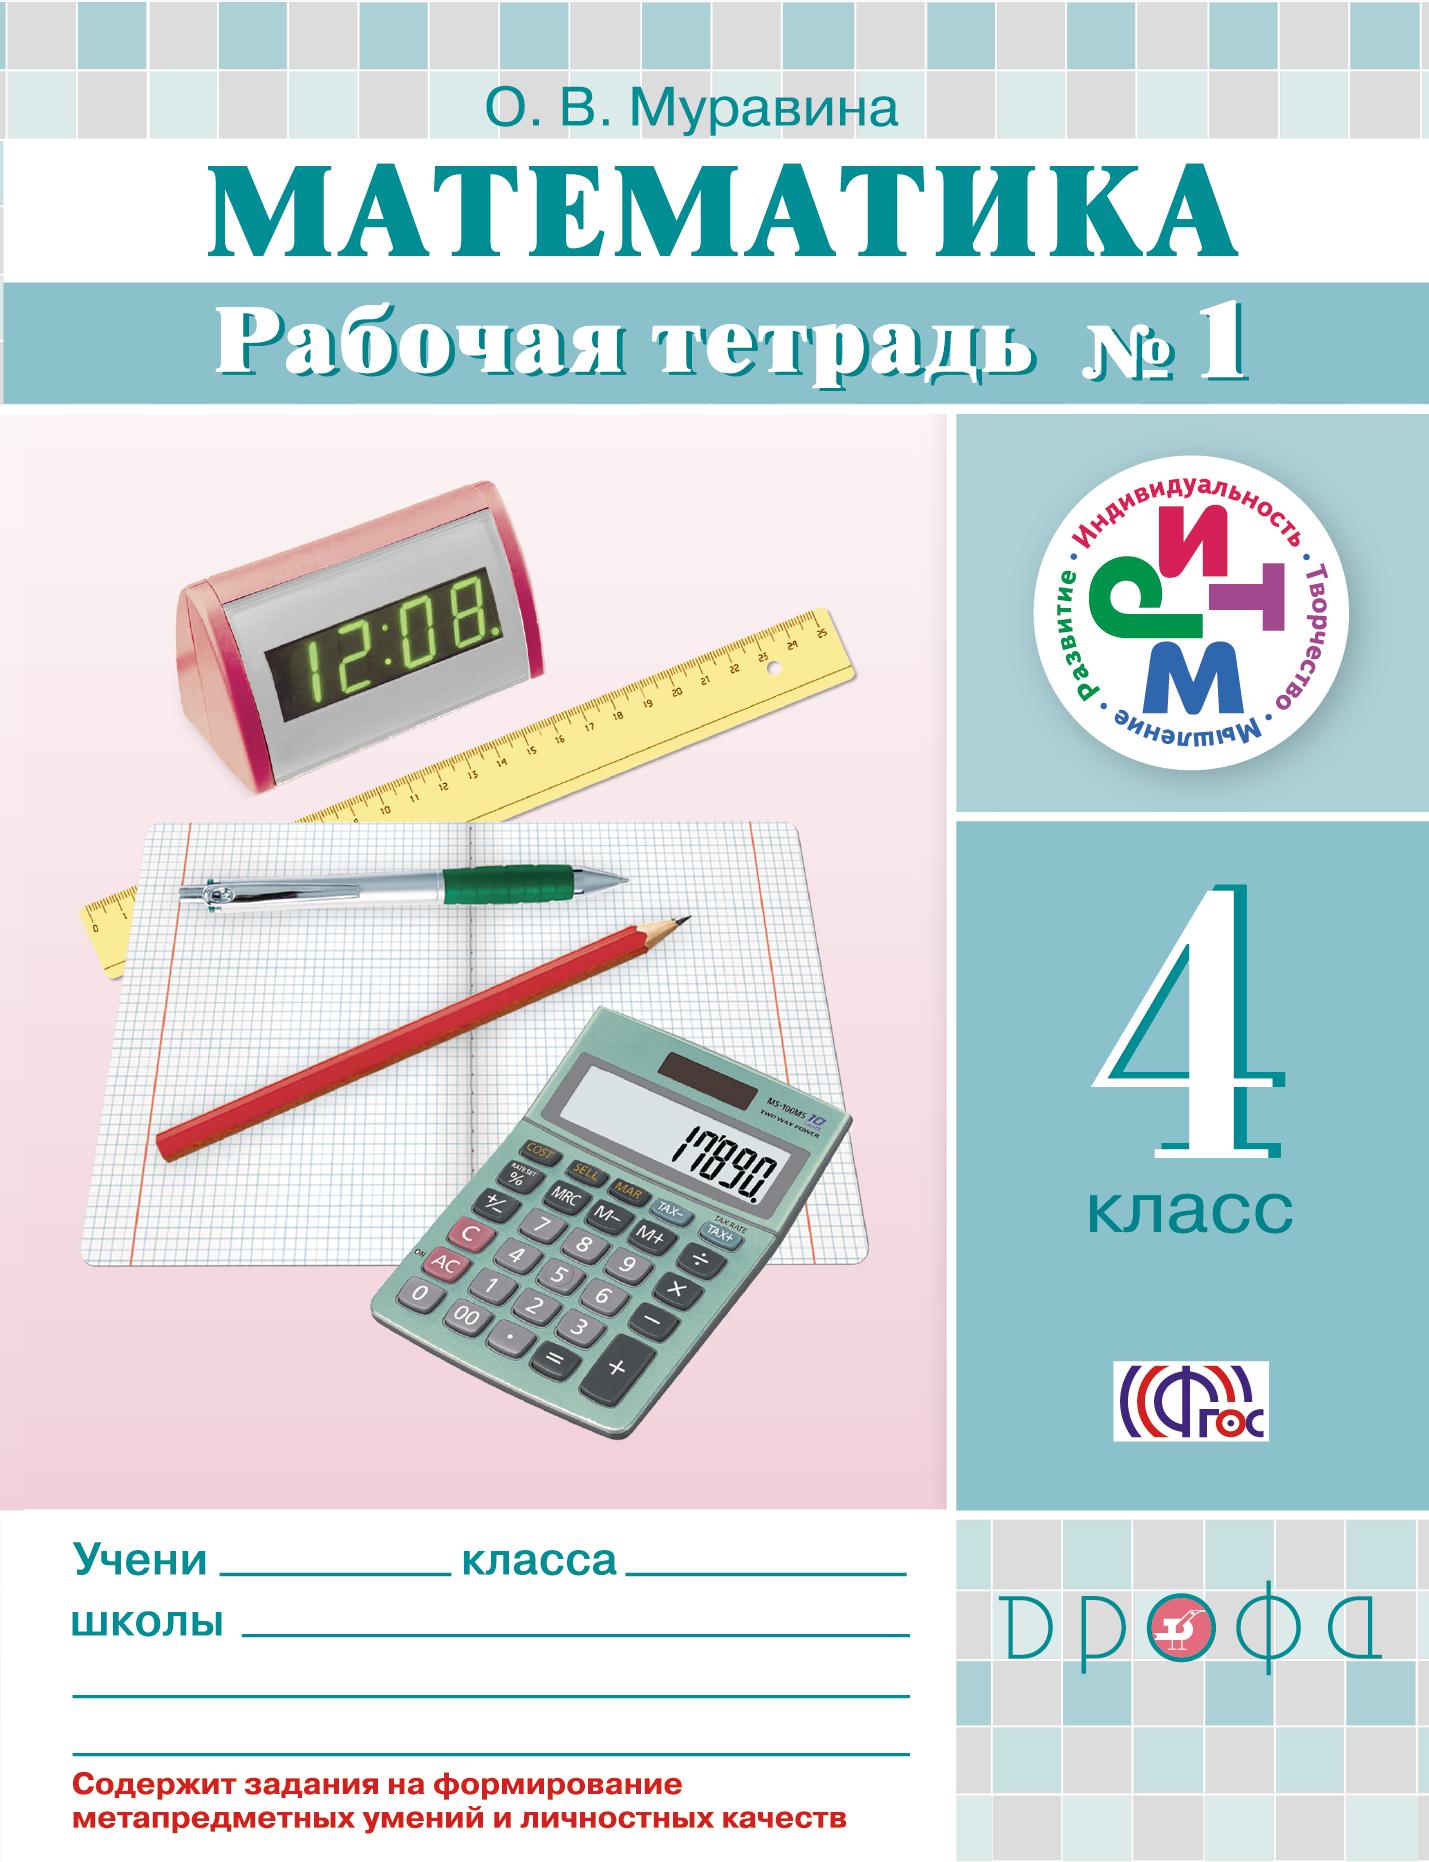 Математика 4кл [Р/т №1] РИТМ